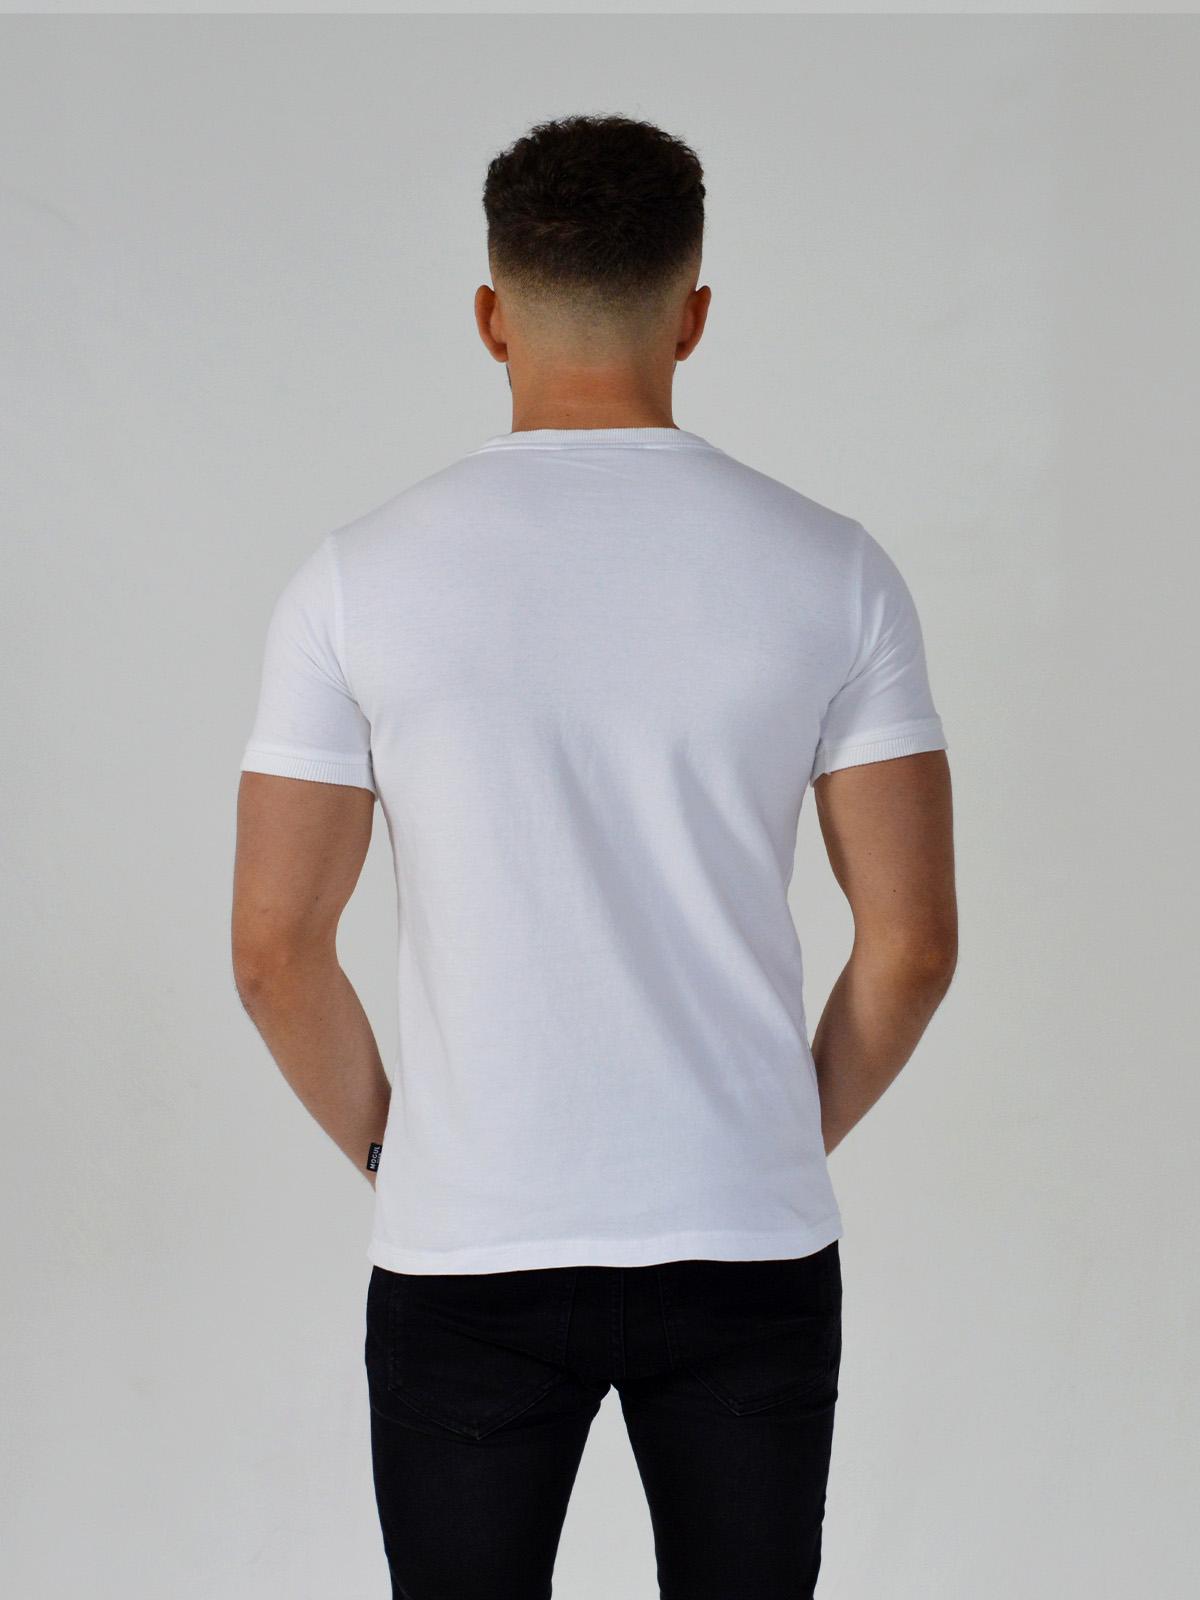 Pipe Panel T-Shirt White - Mogul Club